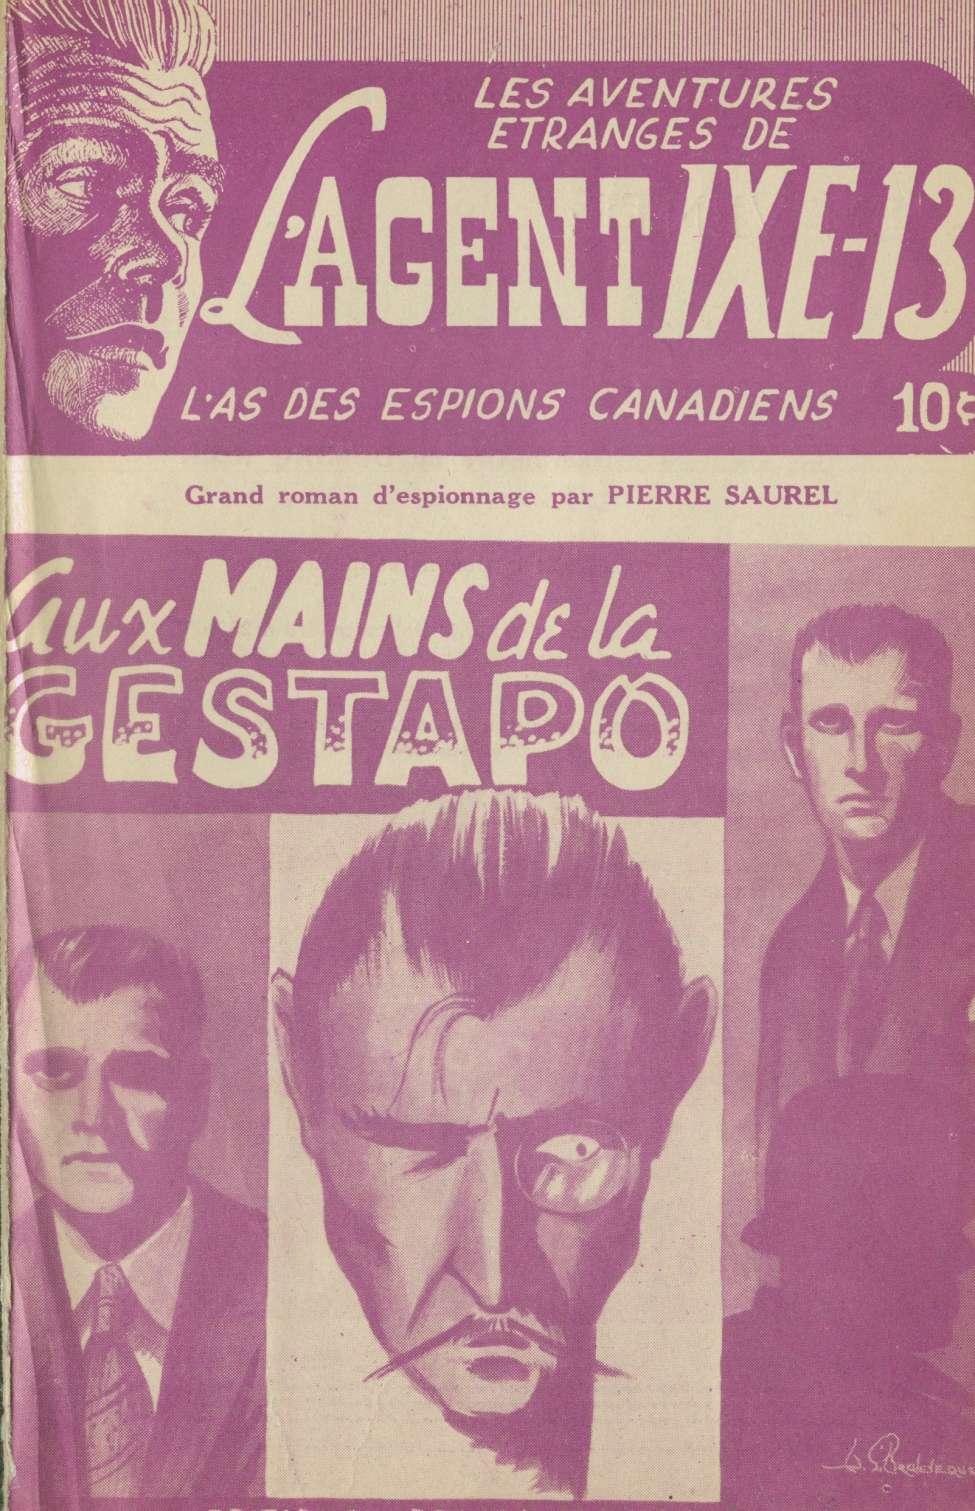 Comic Book Cover For L'Agent IXE-13 v1 003 - Aux mains de la Gestapo